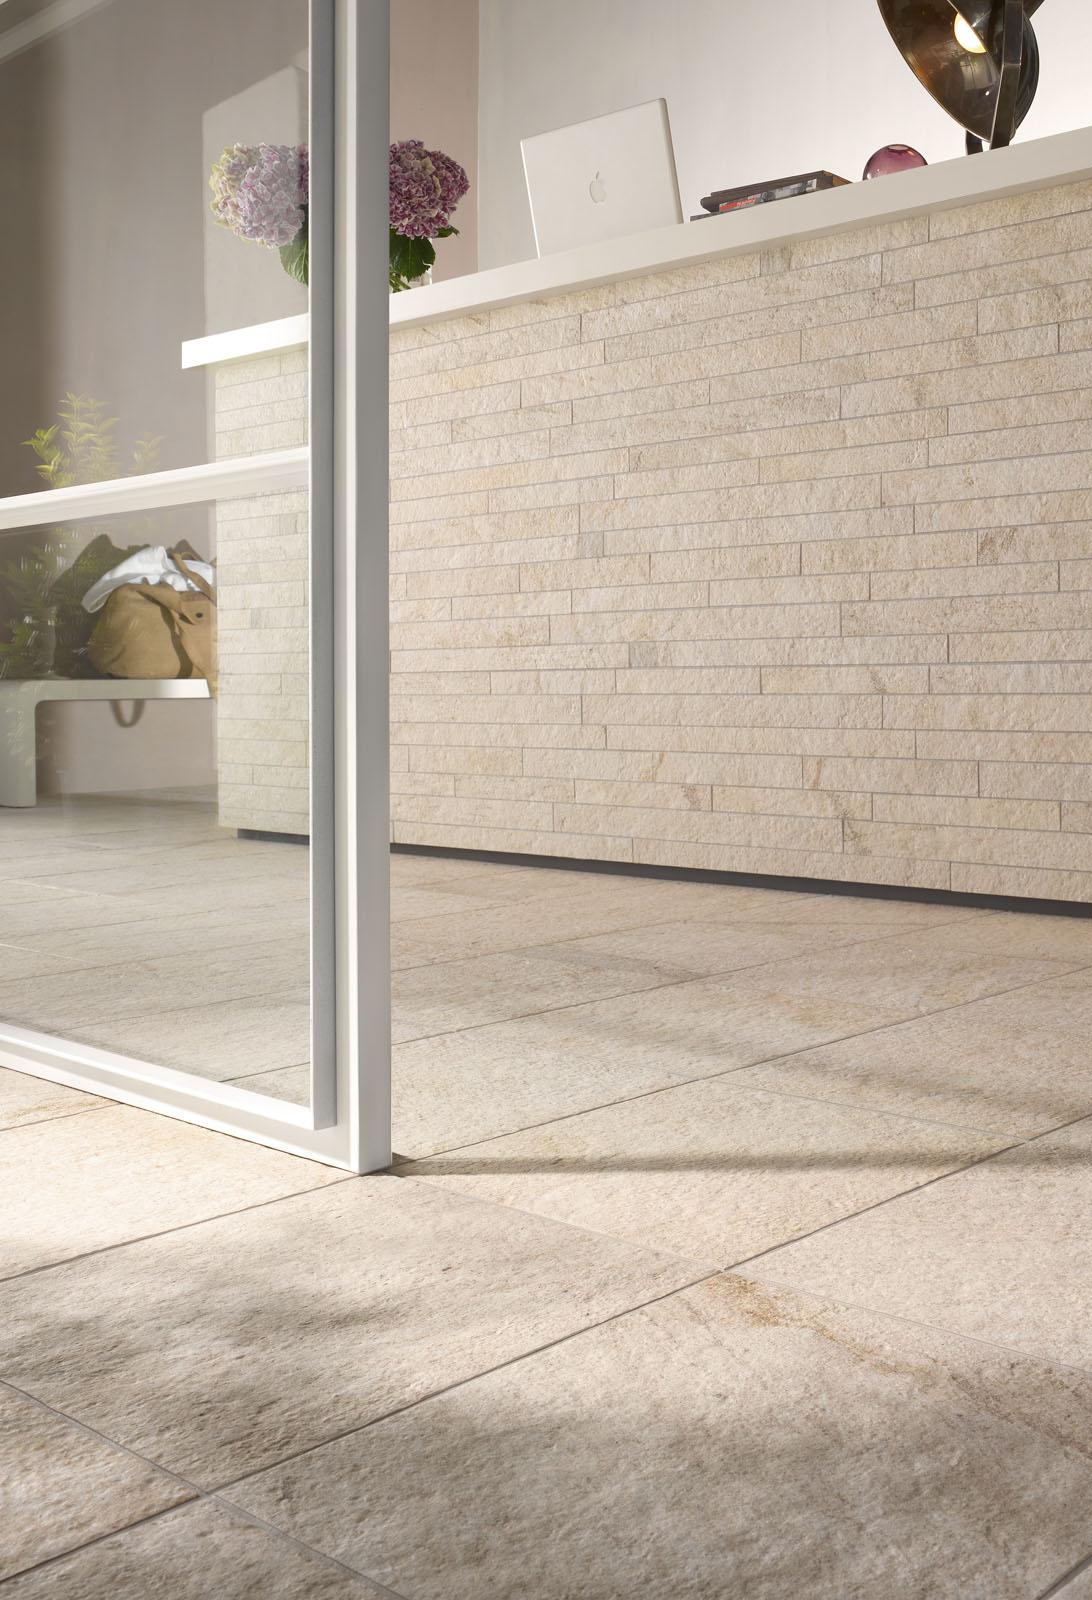 Carrelage sol et mur effets et couleurs marazzi for Couleur carrelage sol